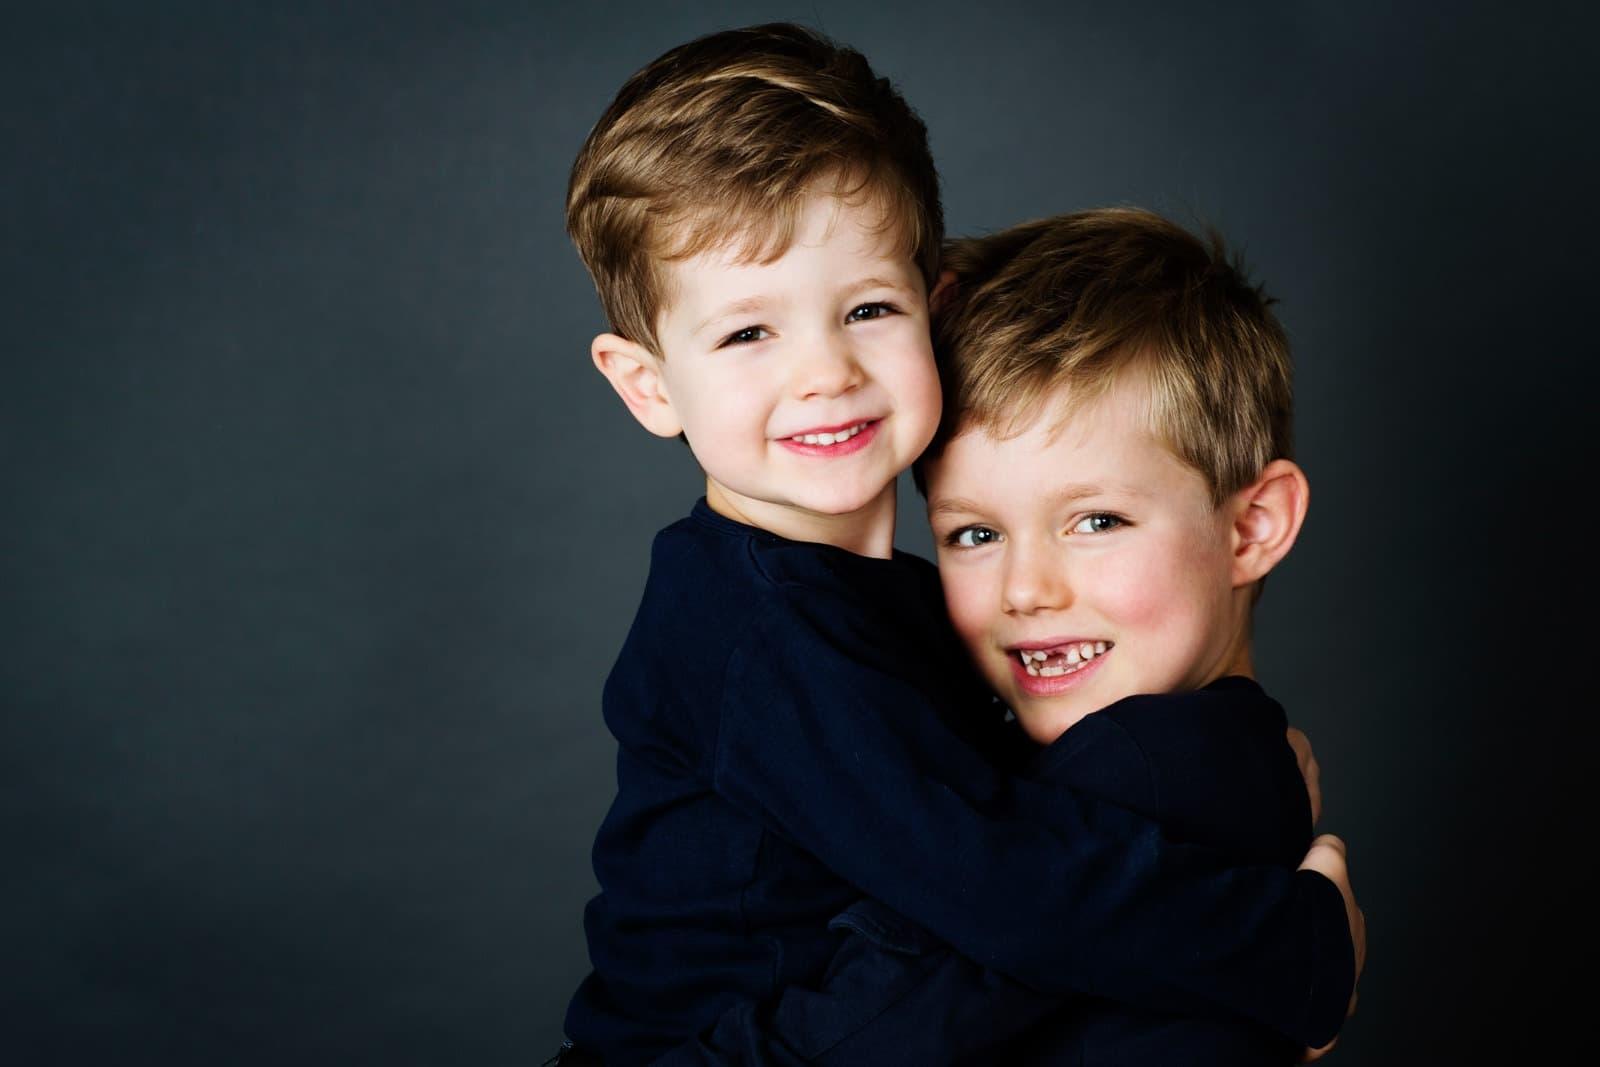 Portrætfoto brødre